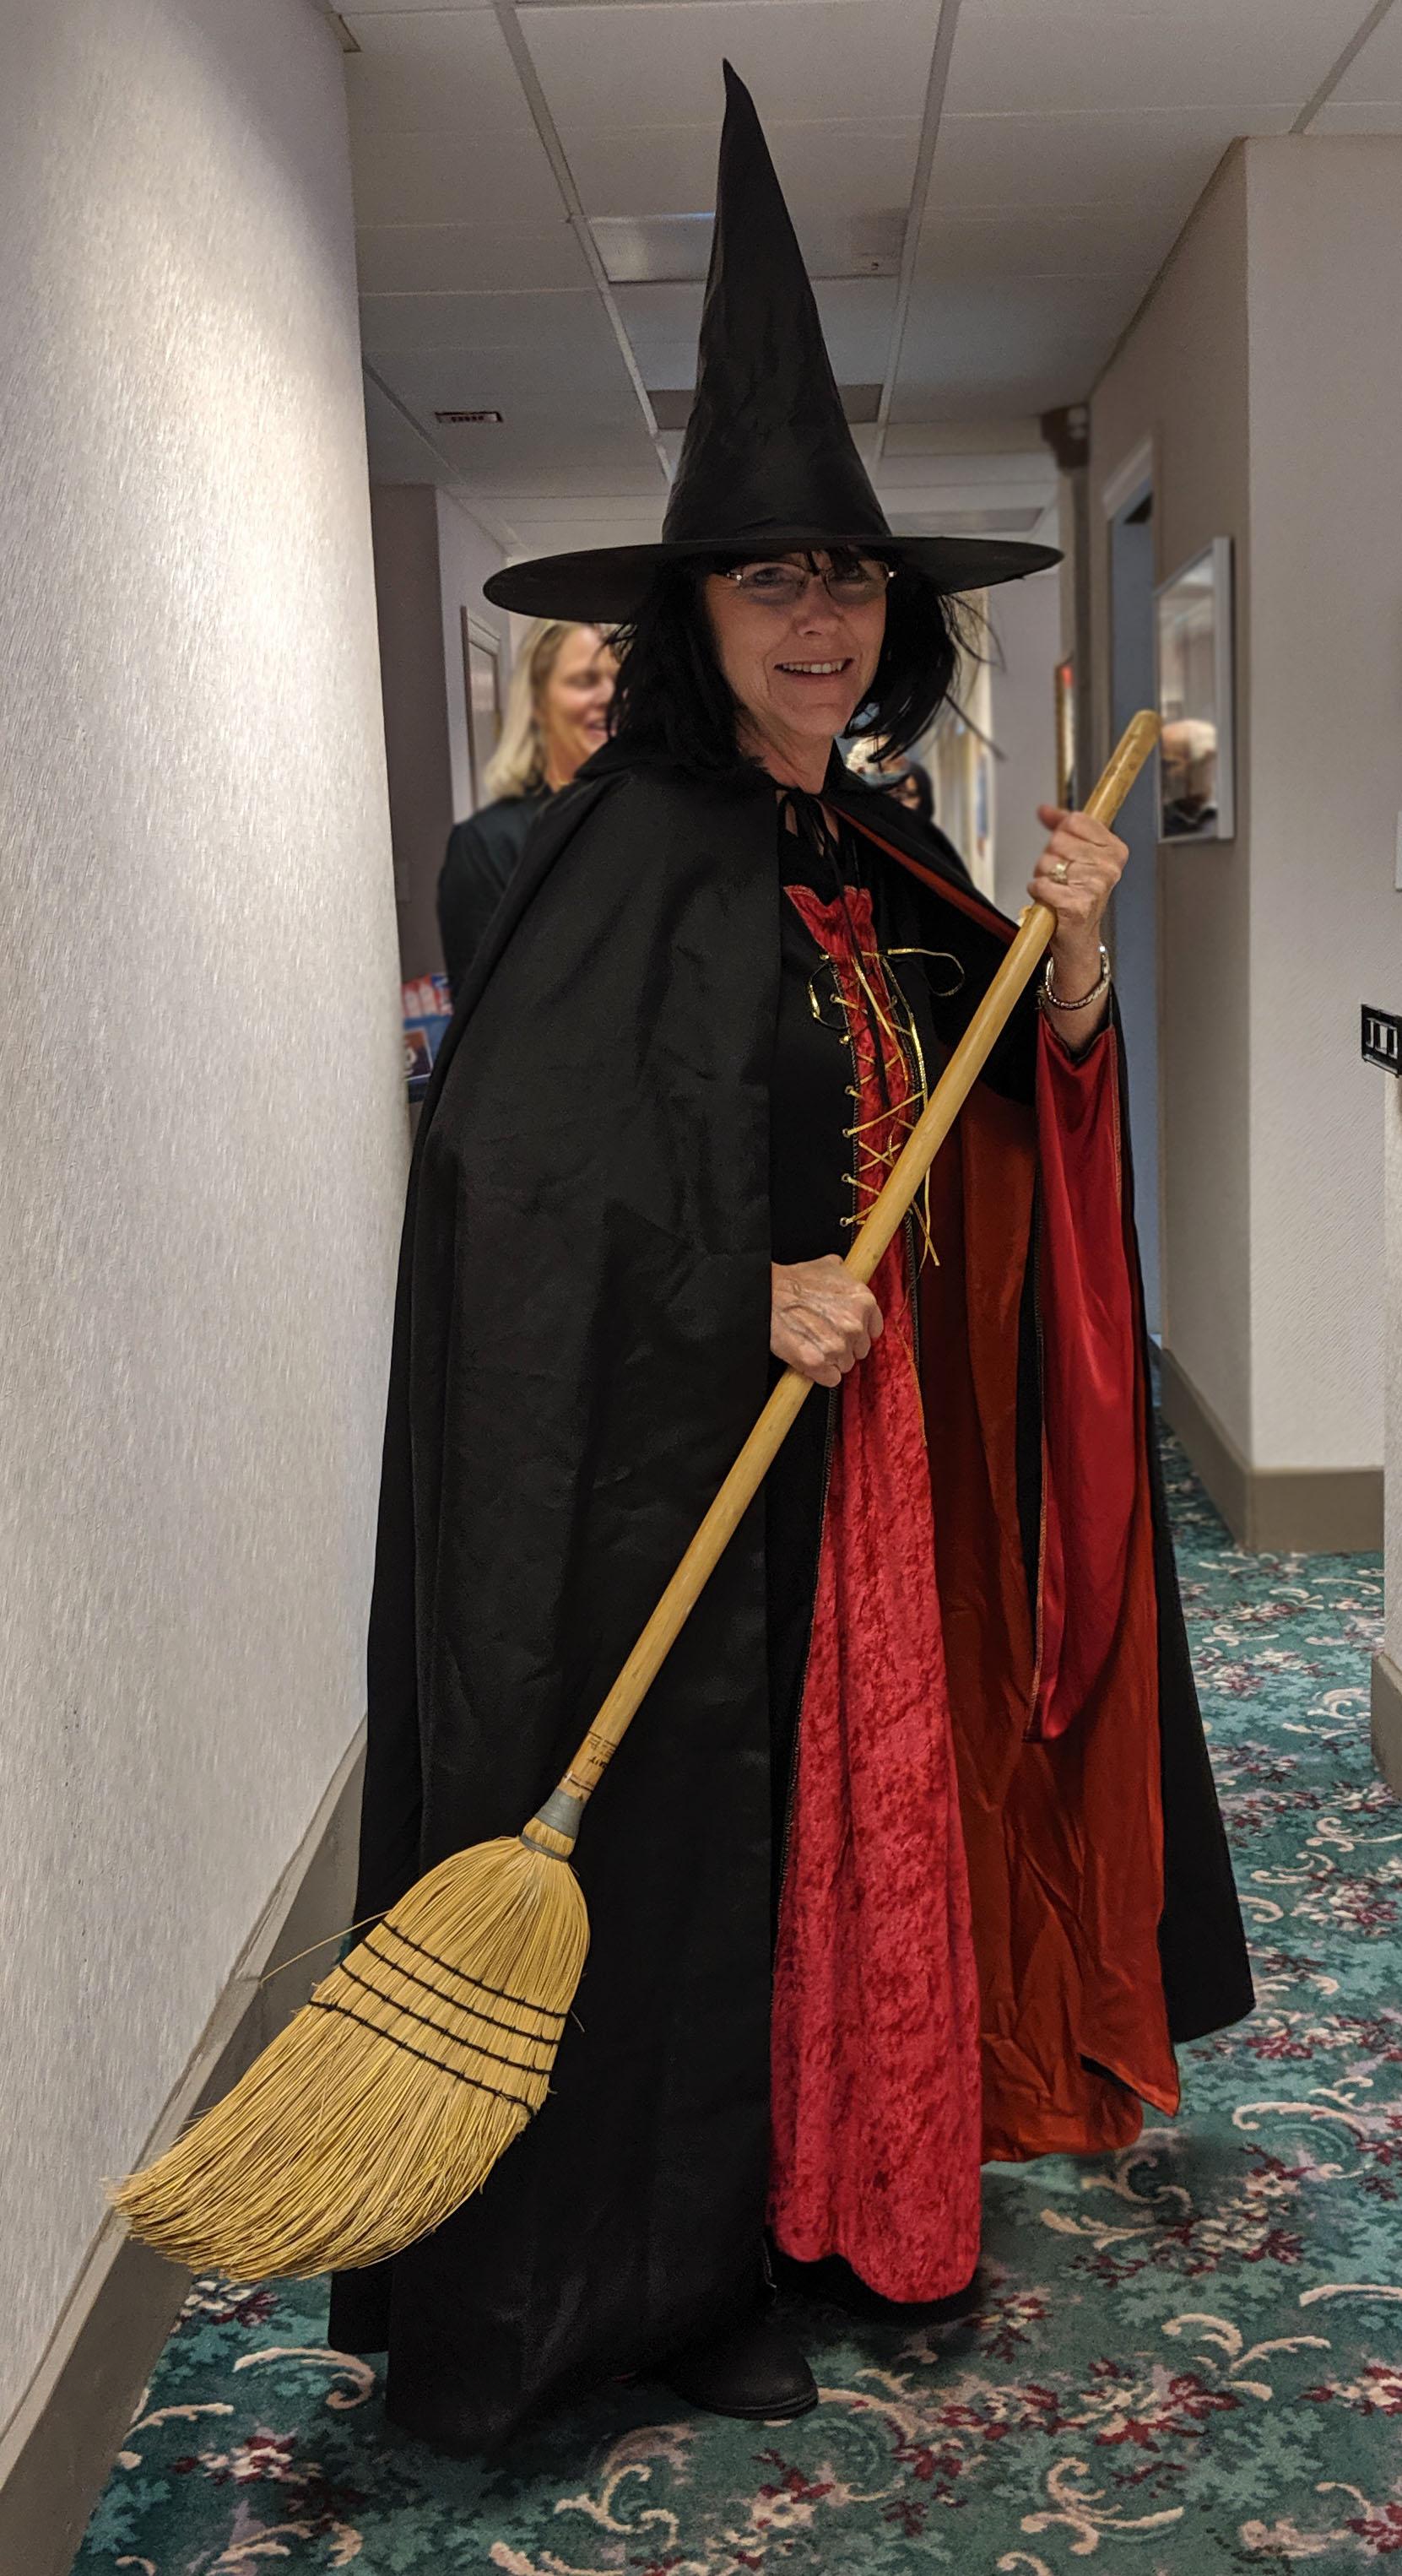 Decker Law Halloween Costumes